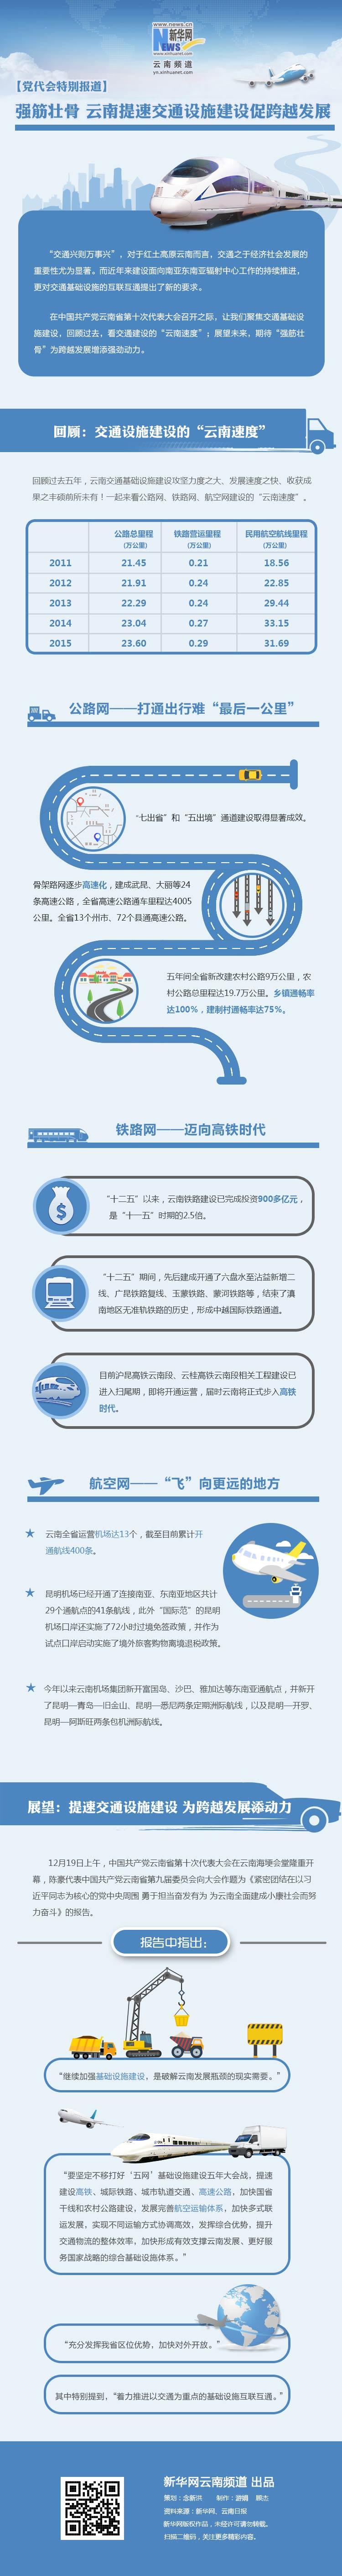 【党代会特别报道】强筋壮骨 云南提速交通设施建设促跨越发展